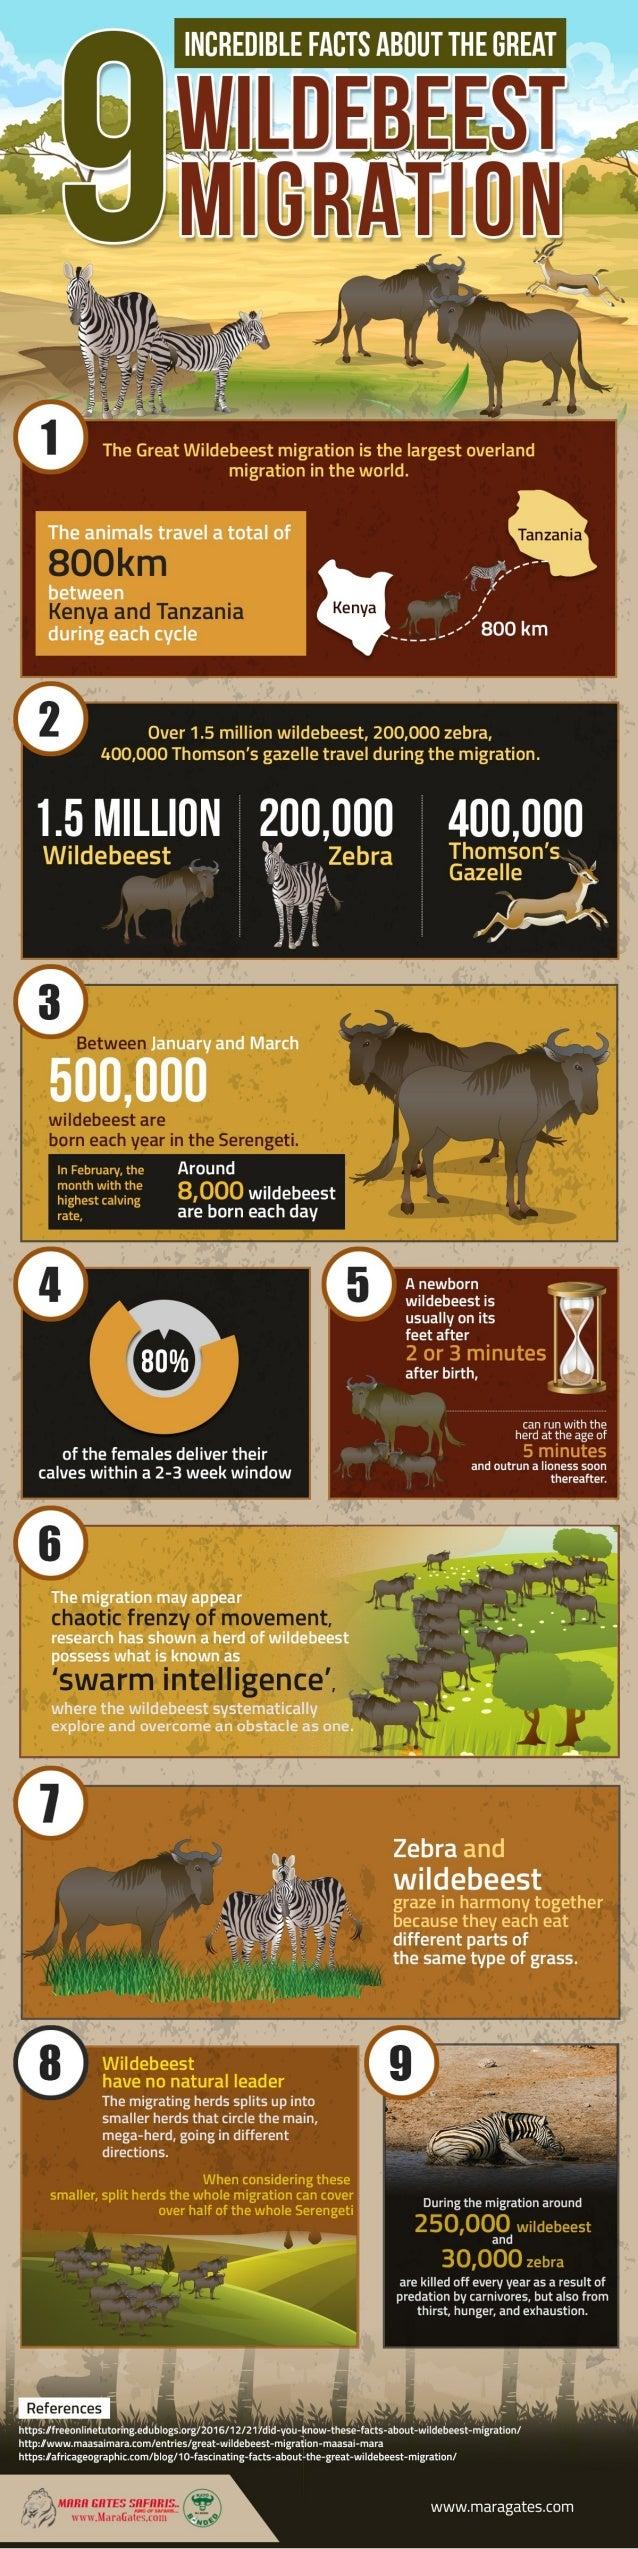 The great masai mara wildebeest migration